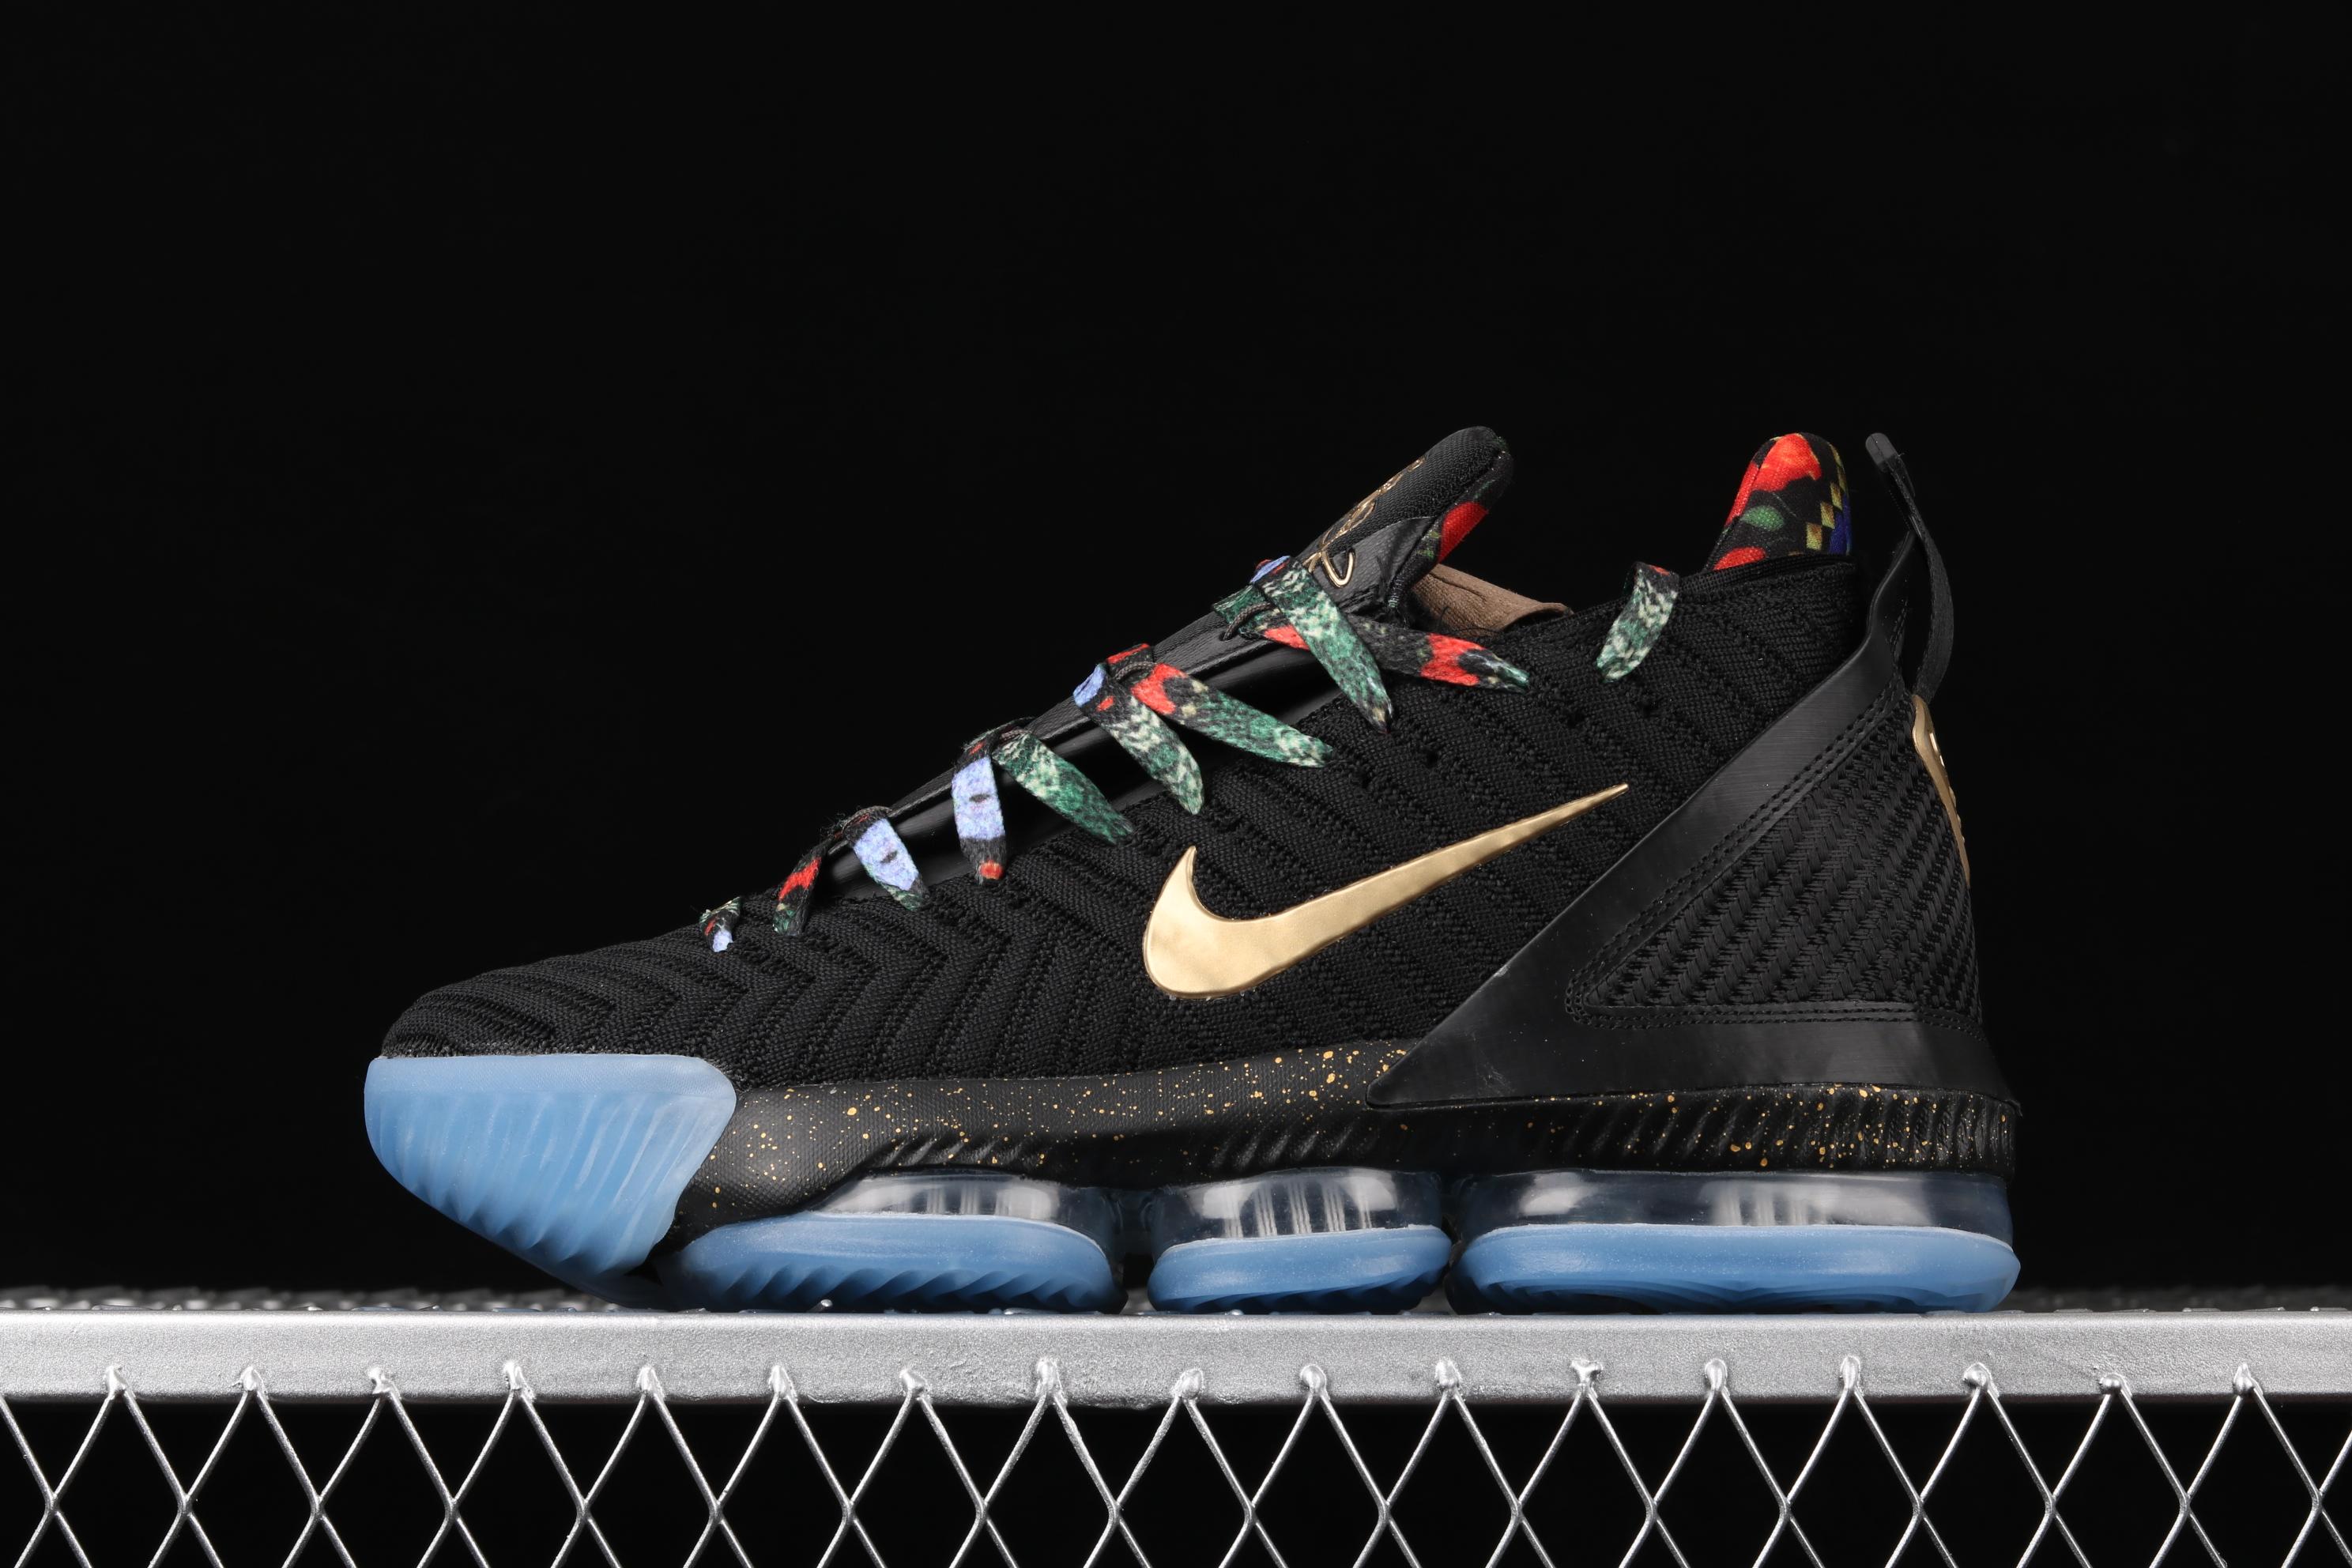 Nike Lebron 16 EP LBJ Black Metallic